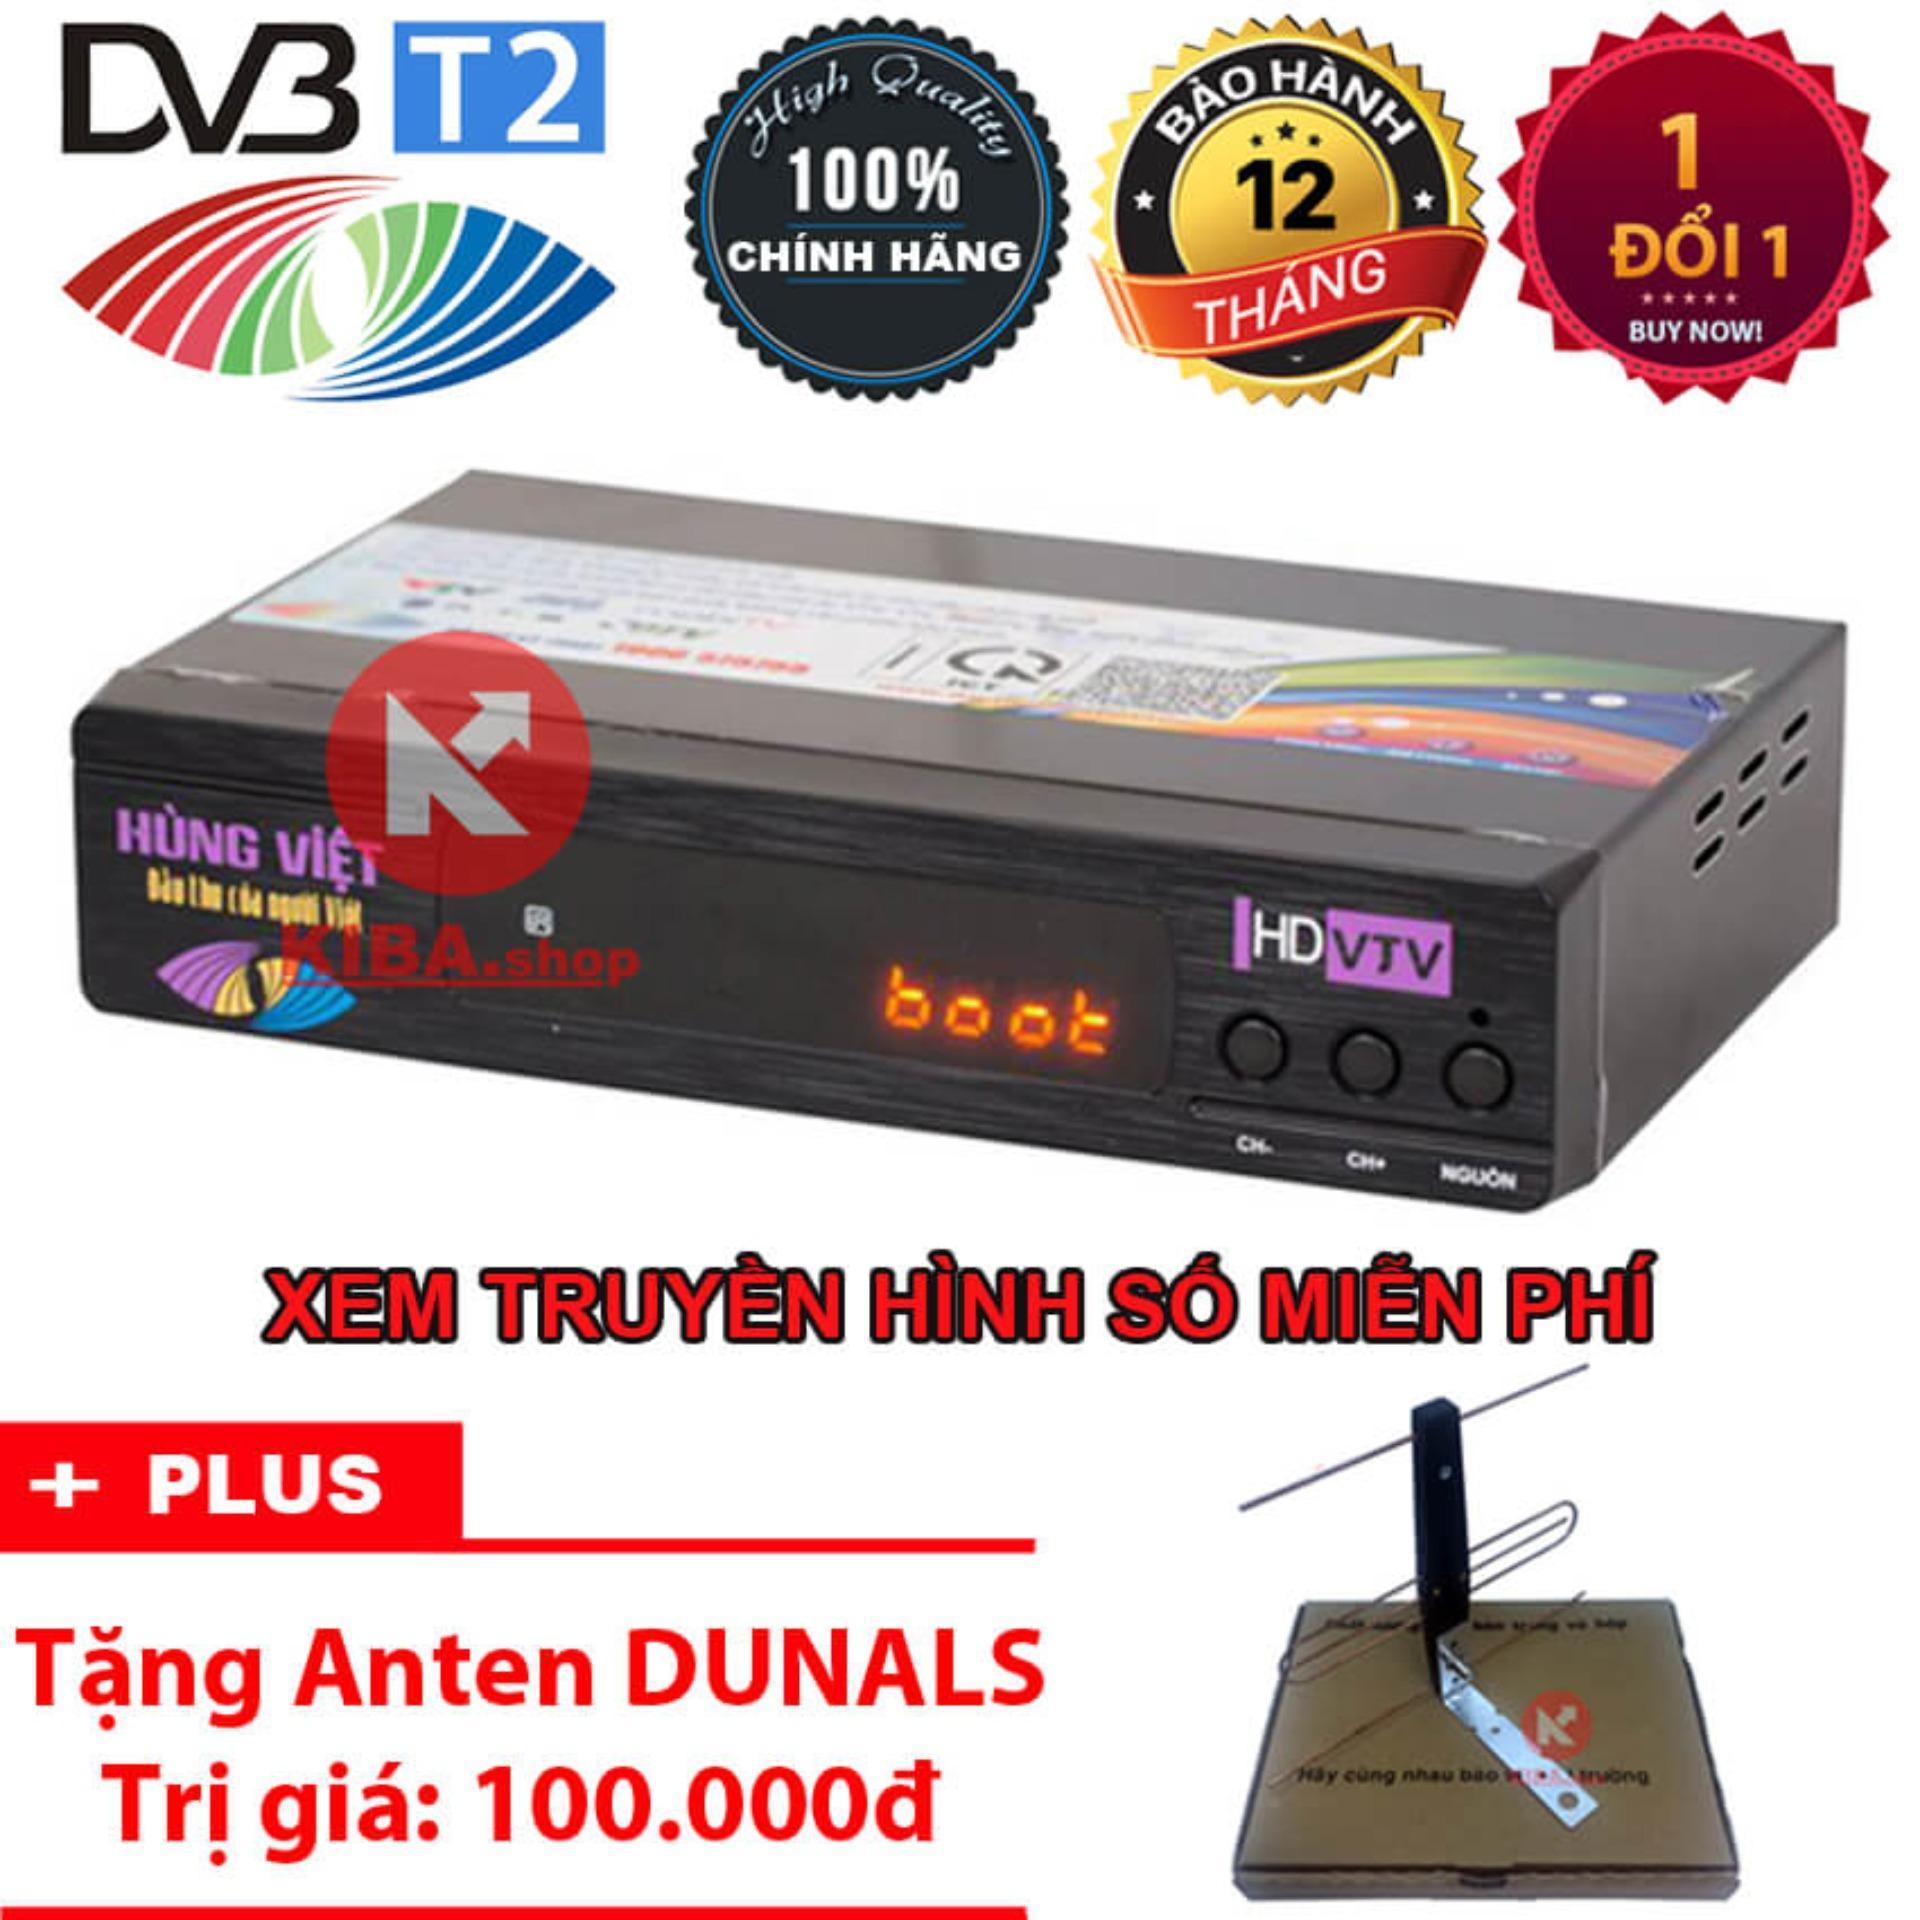 Bán Đầu Thu Kỹ Thuật Số Hung Việt Dvb T2 Ts123 Tặng Anten Khuếch Đại Hùng Việt Nguyên